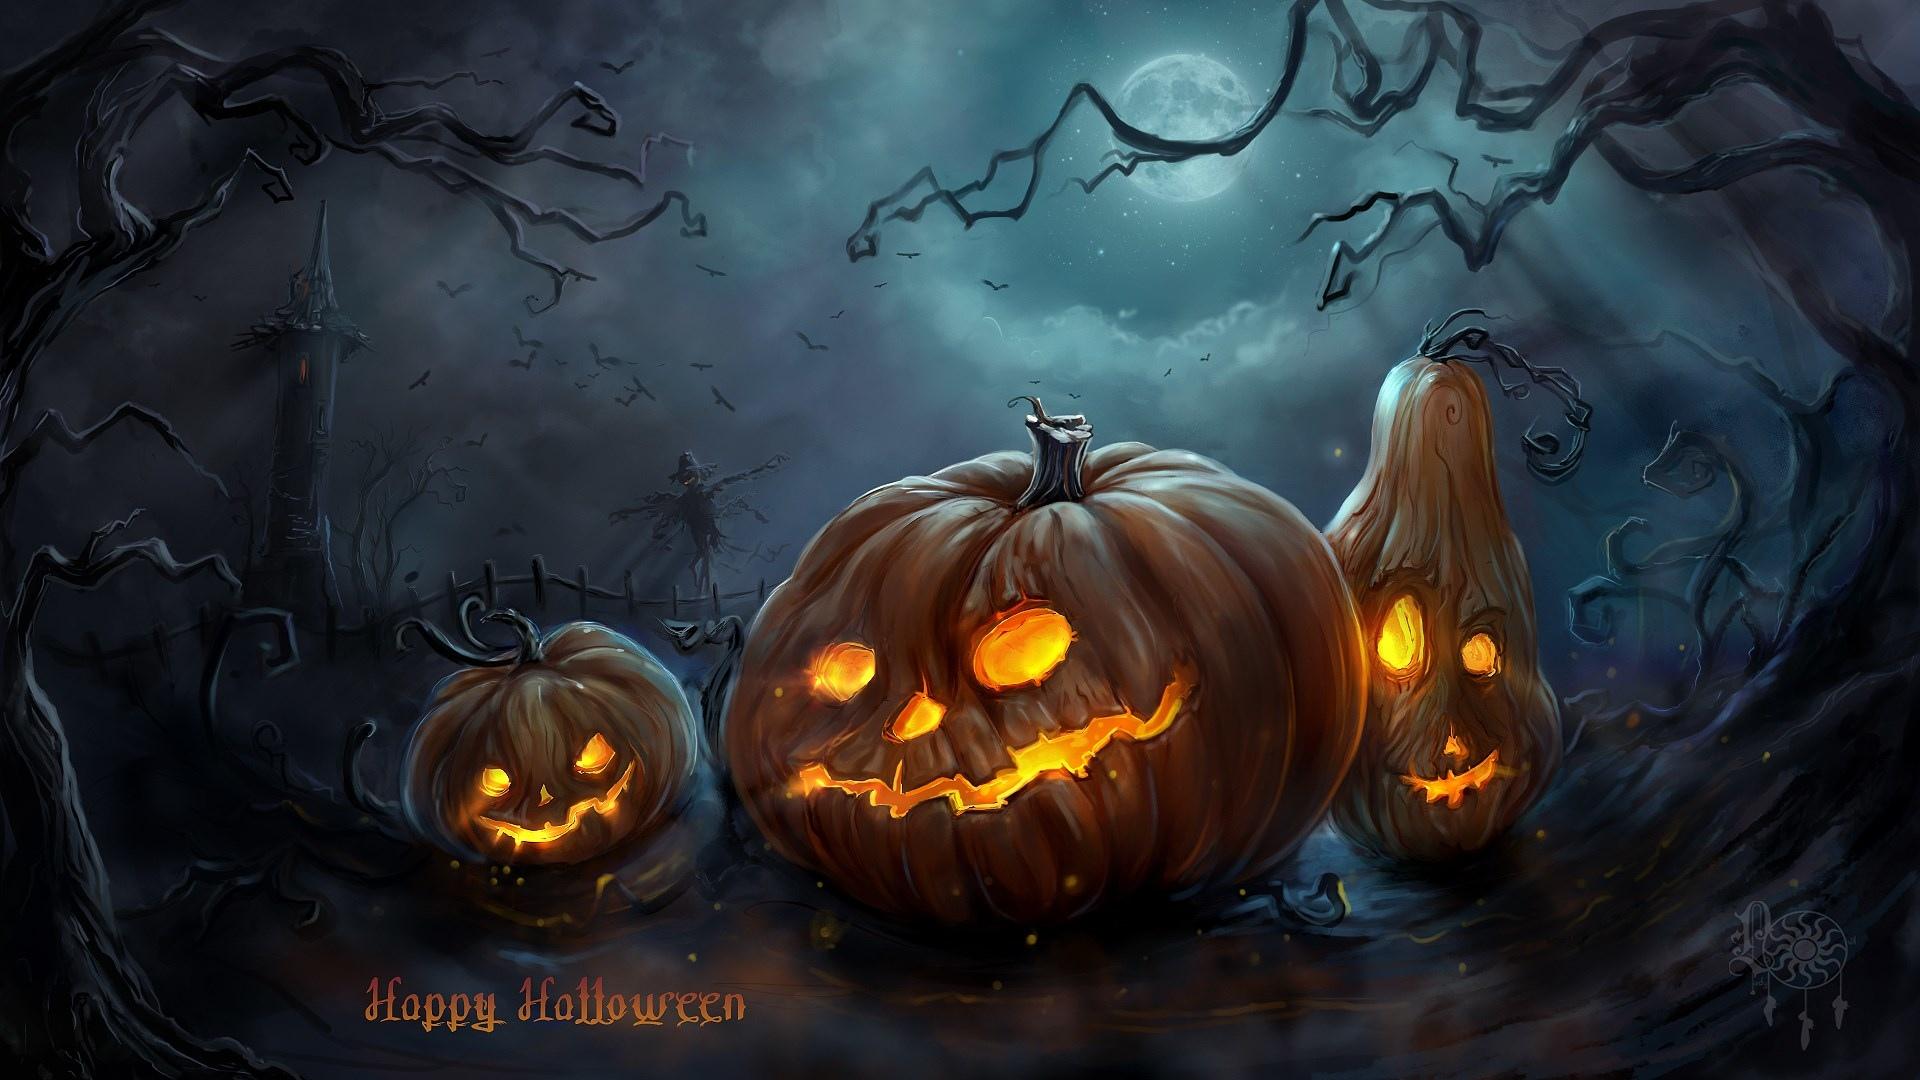 Free Halloween Desktop Wallpapers Wallpaper 1920x1080